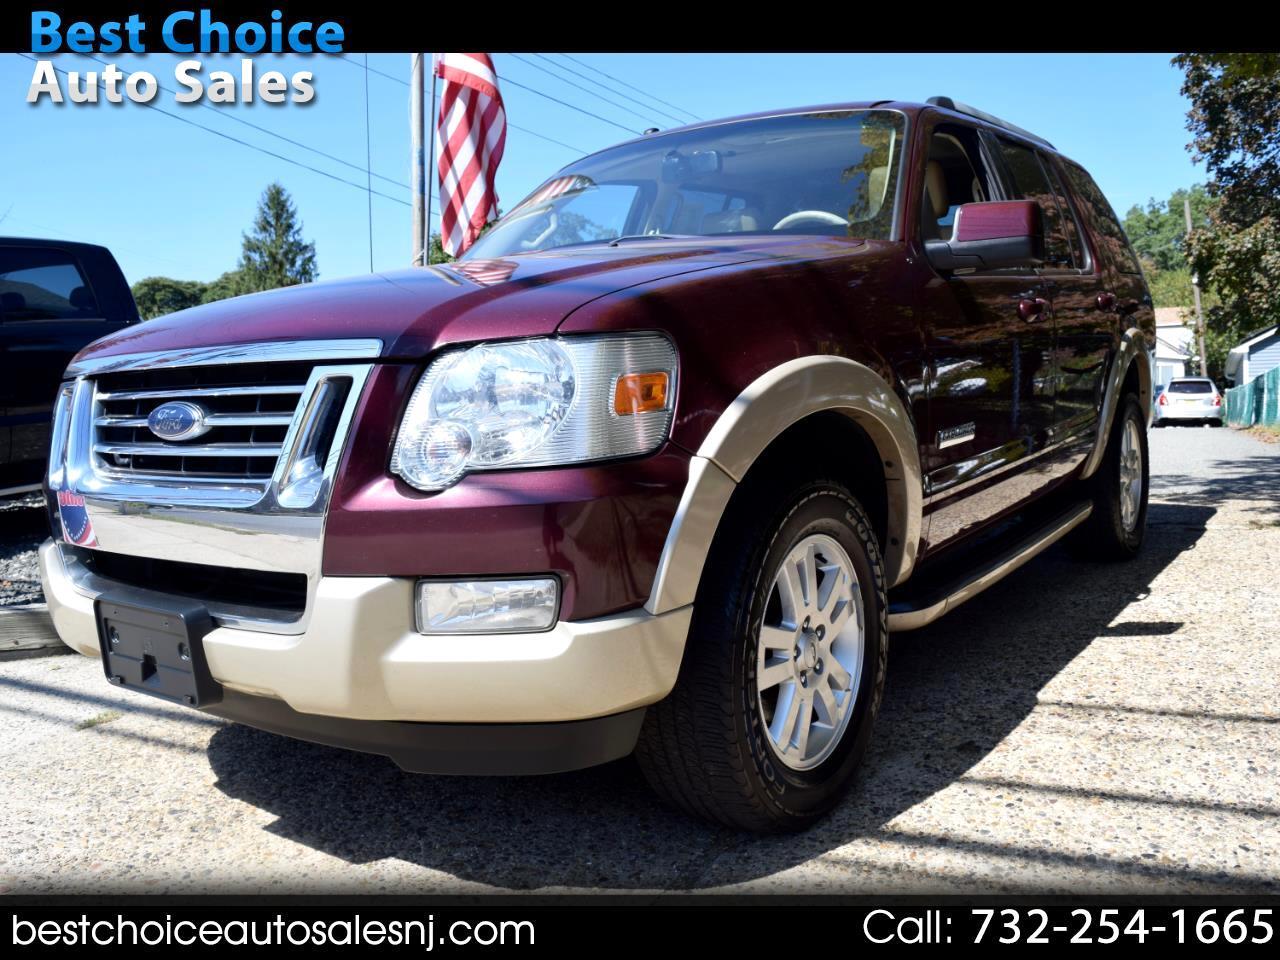 Ford Explorer 4WD 4dr V6 Eddie Bauer 2008